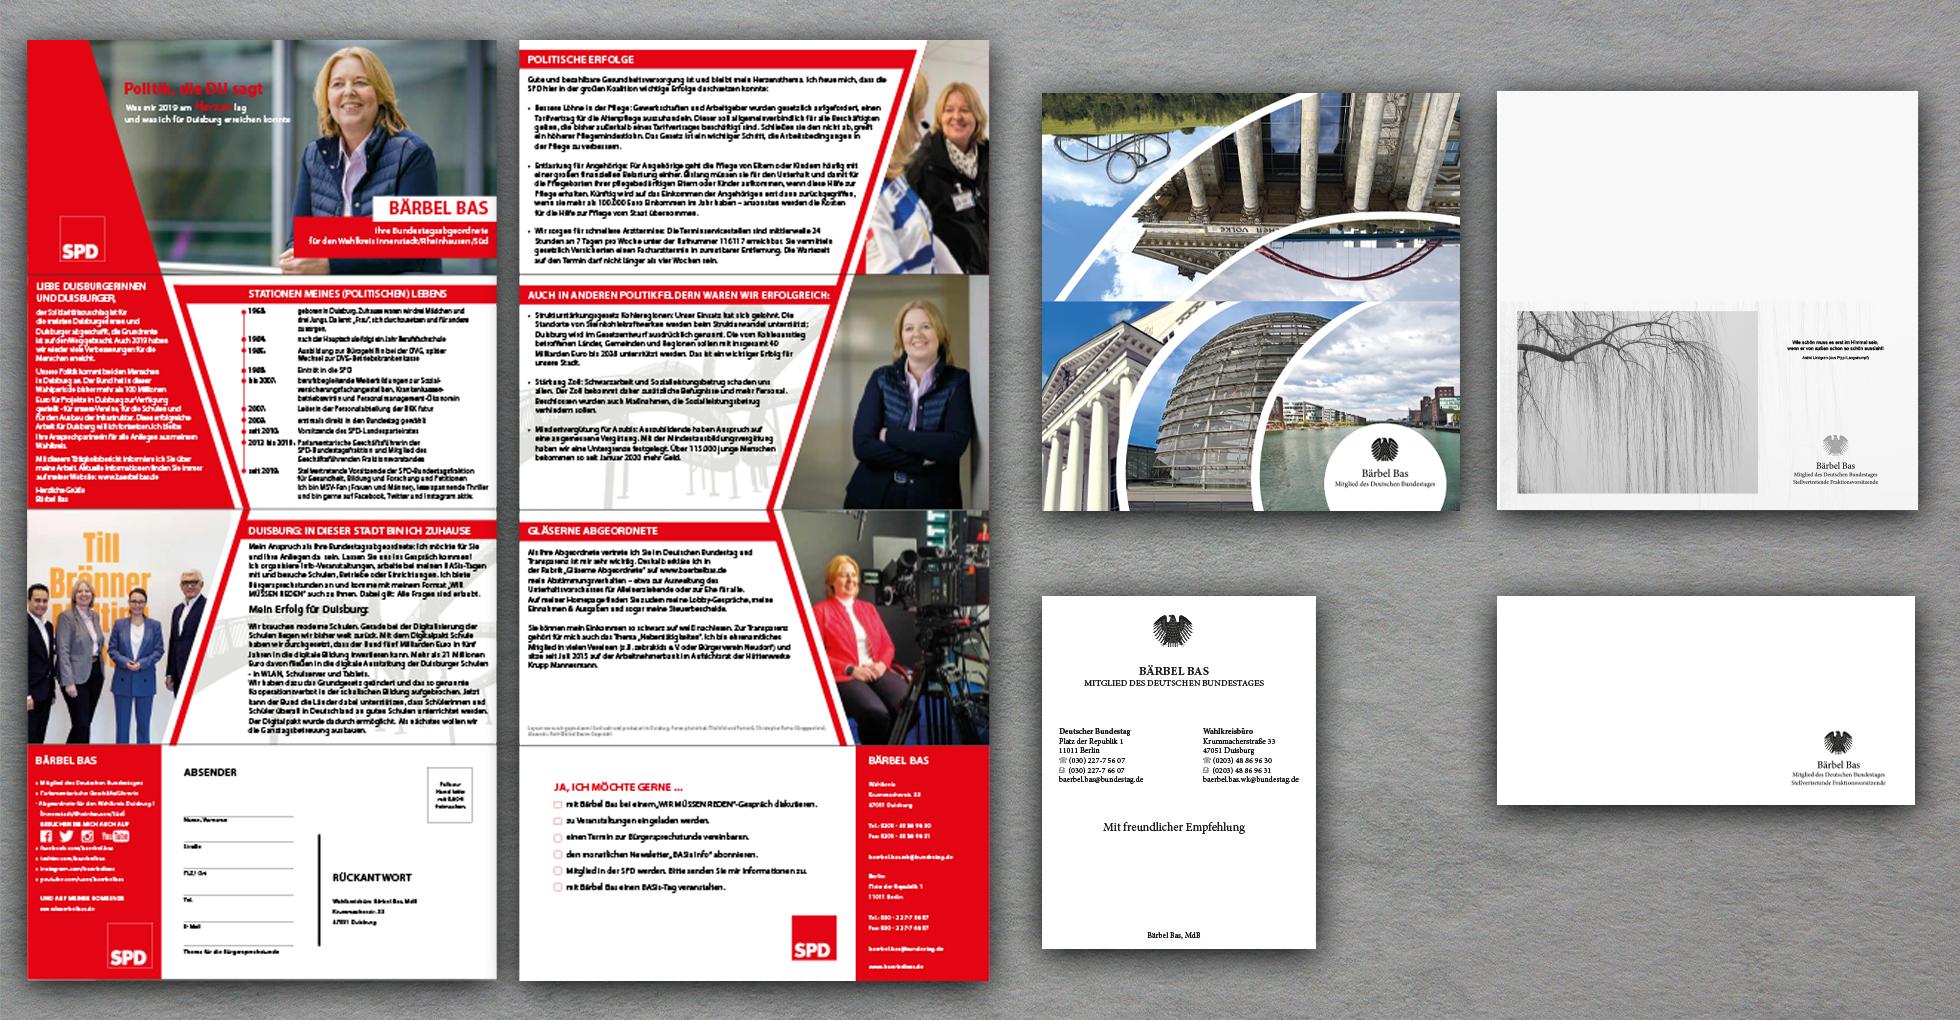 Rechenschaftsbericht, Grußkarte, Trauerkarte und Infokarte